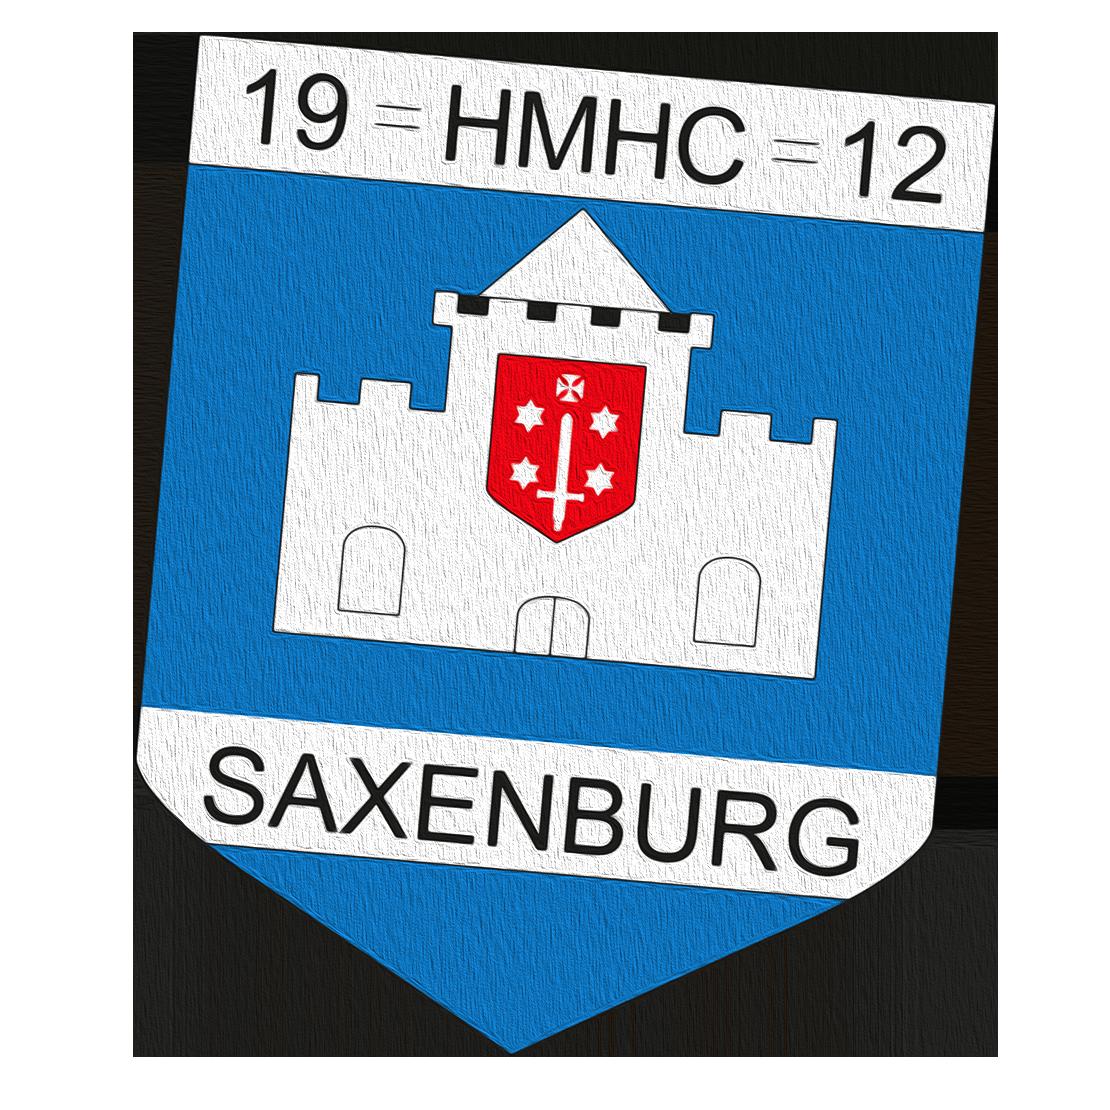 Saxenburg